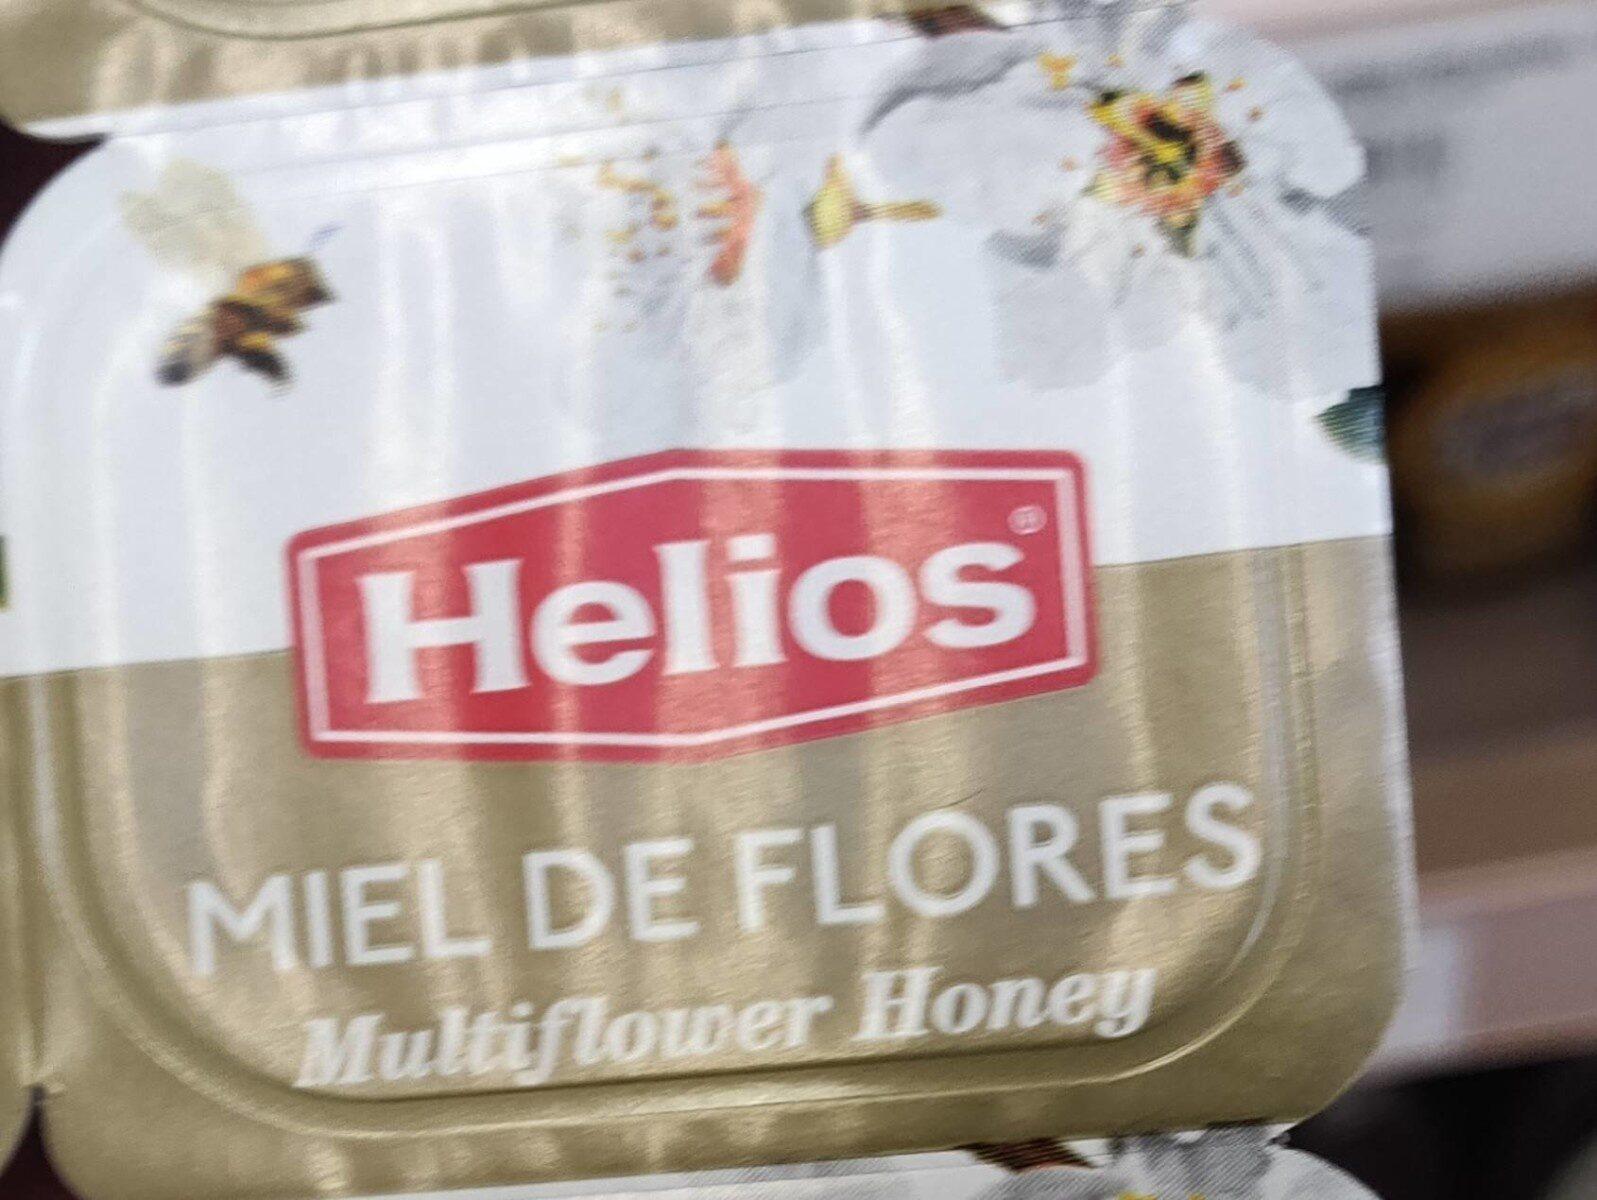 Miel - Producto